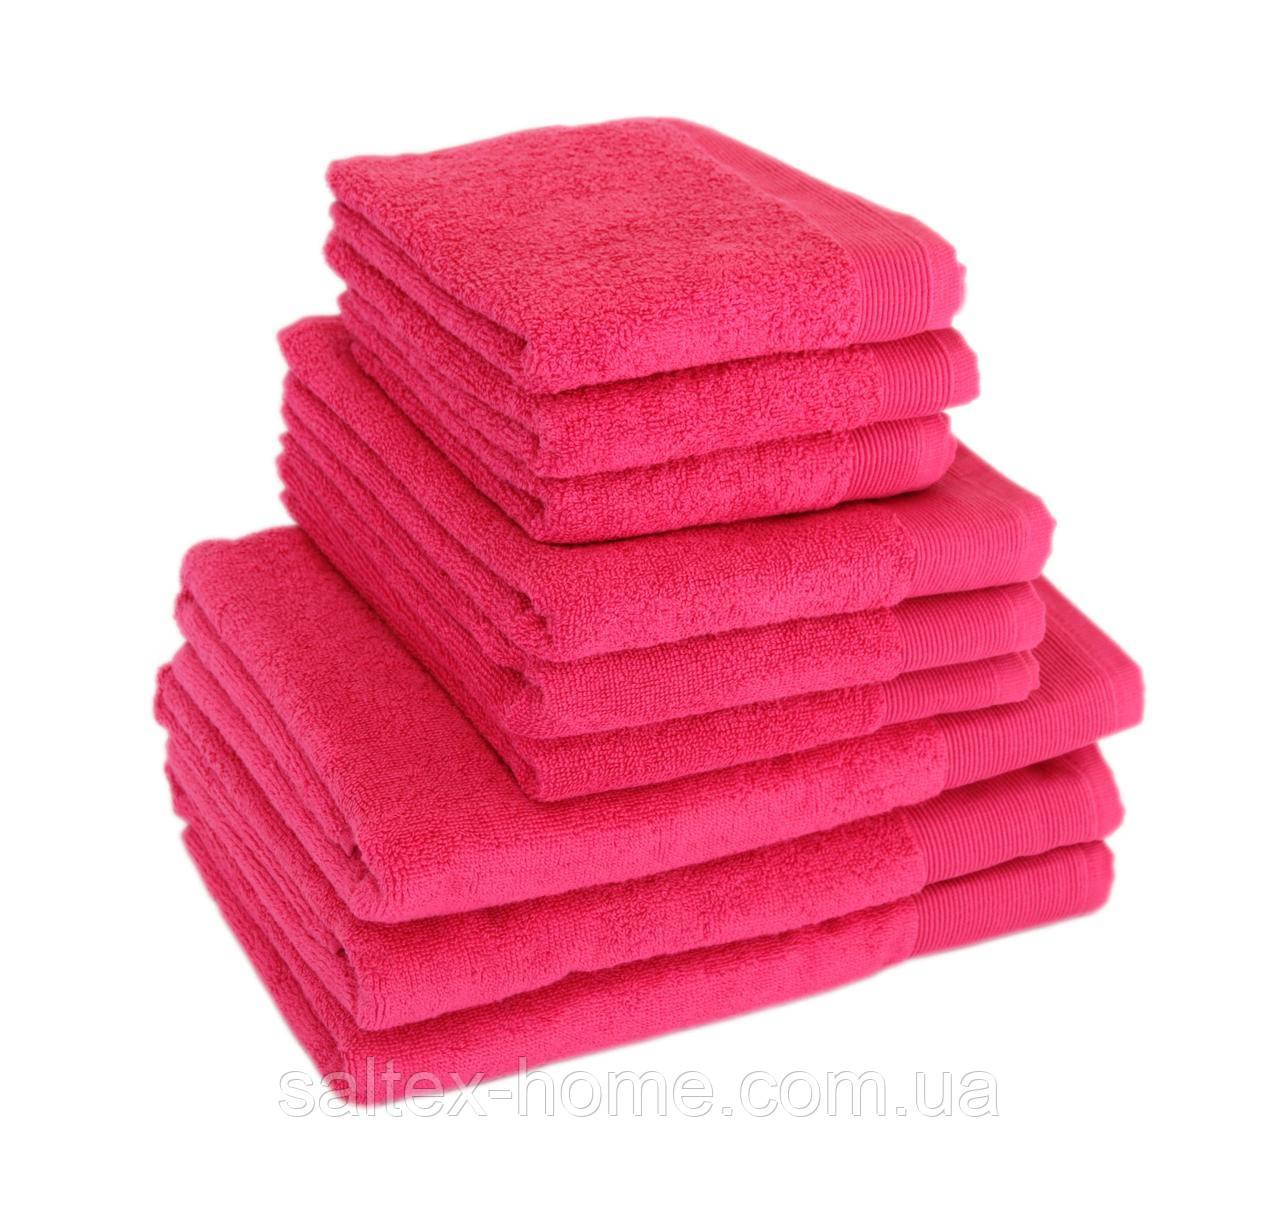 Махровое полотенце для тела 70х140см, Индия, 500 г/м, розового цвета